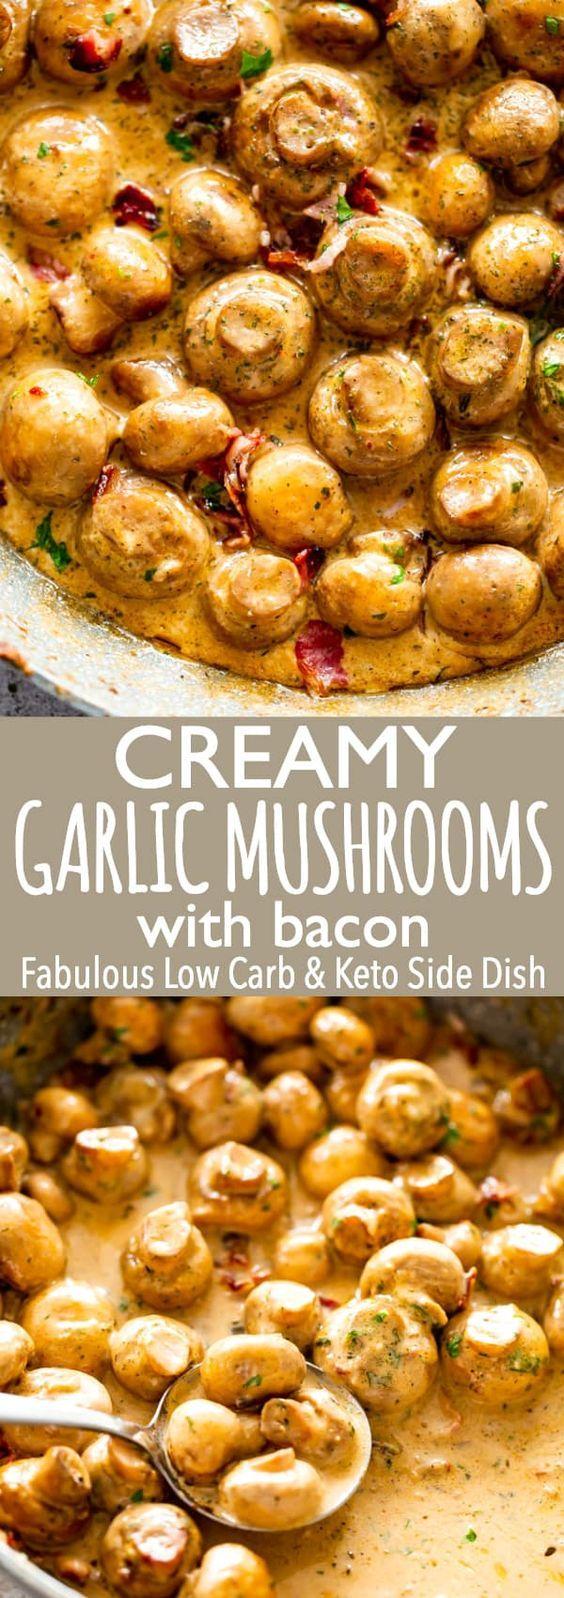 Keto creamy garlic mushrooms & bacon